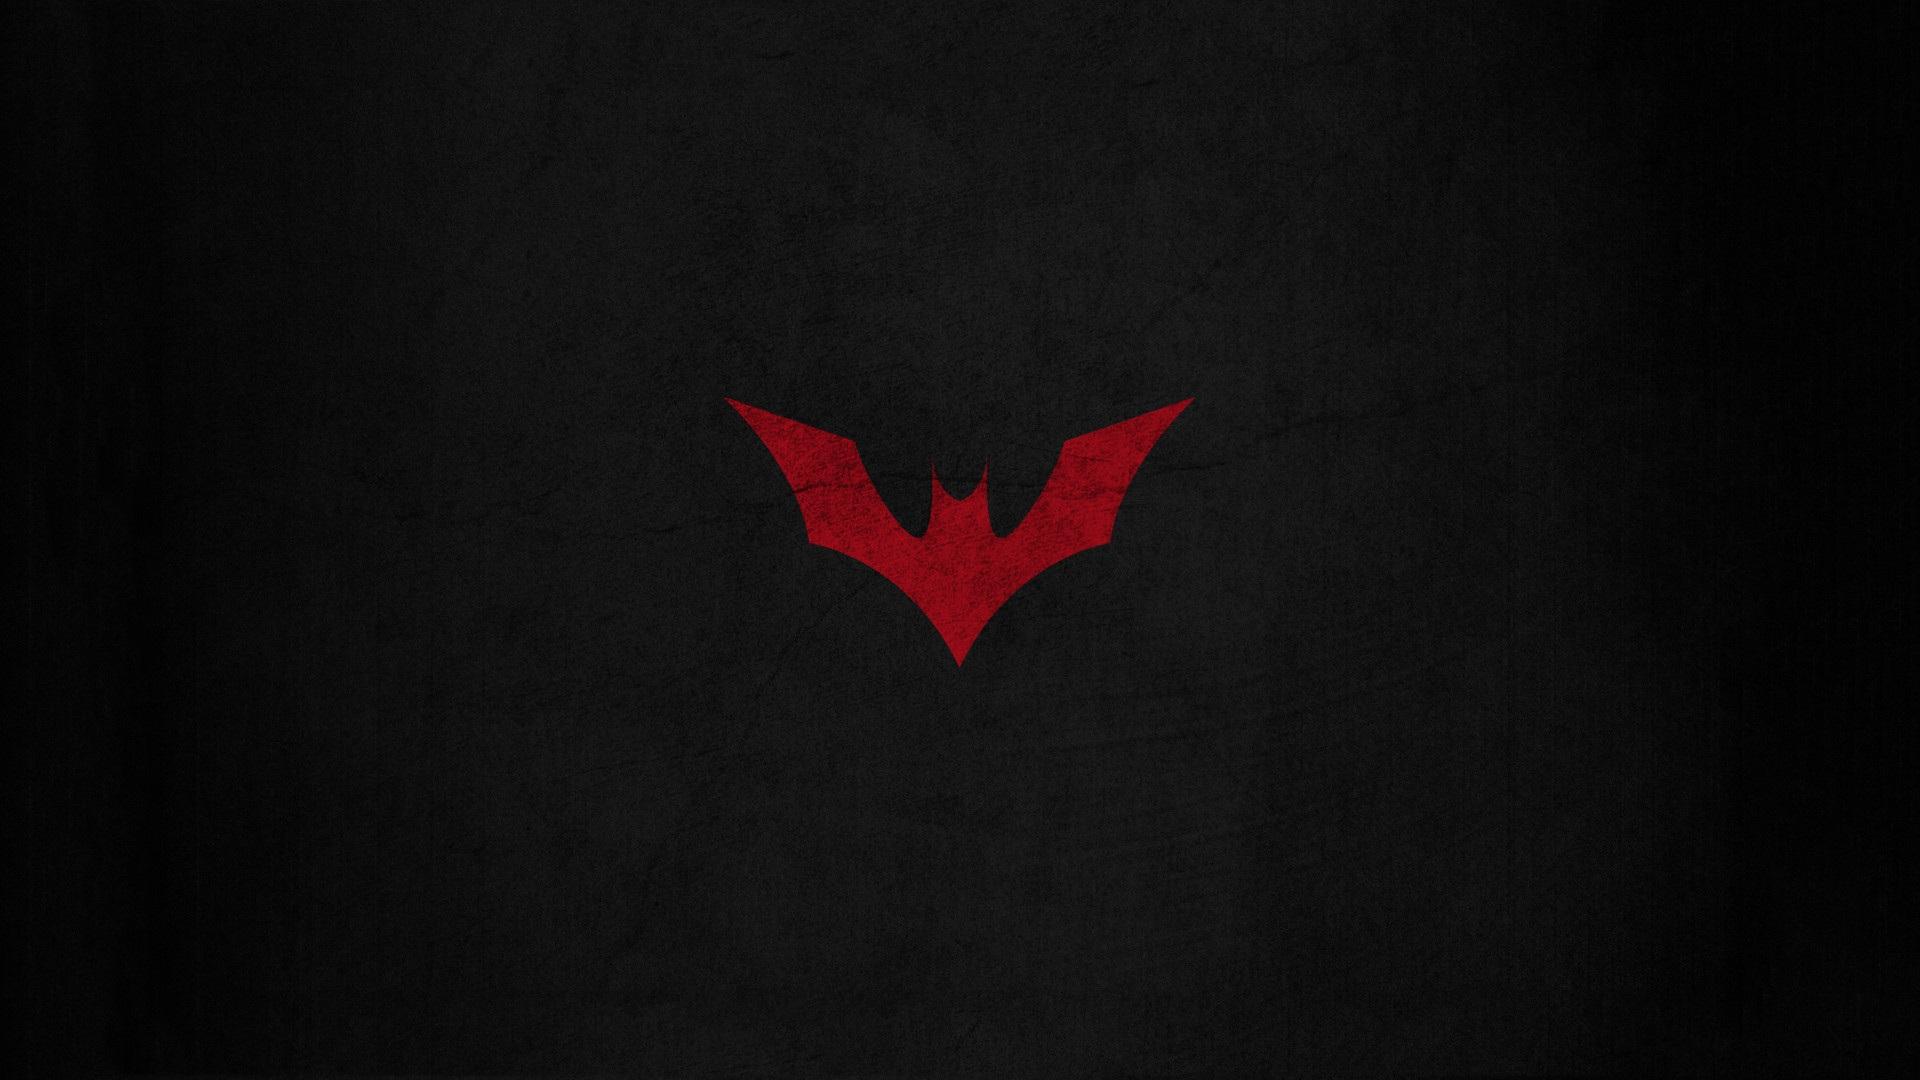 Hd wallpaper batman - Batman Beyond Computer Wallpapers Desktop Backgrounds 1920x1080